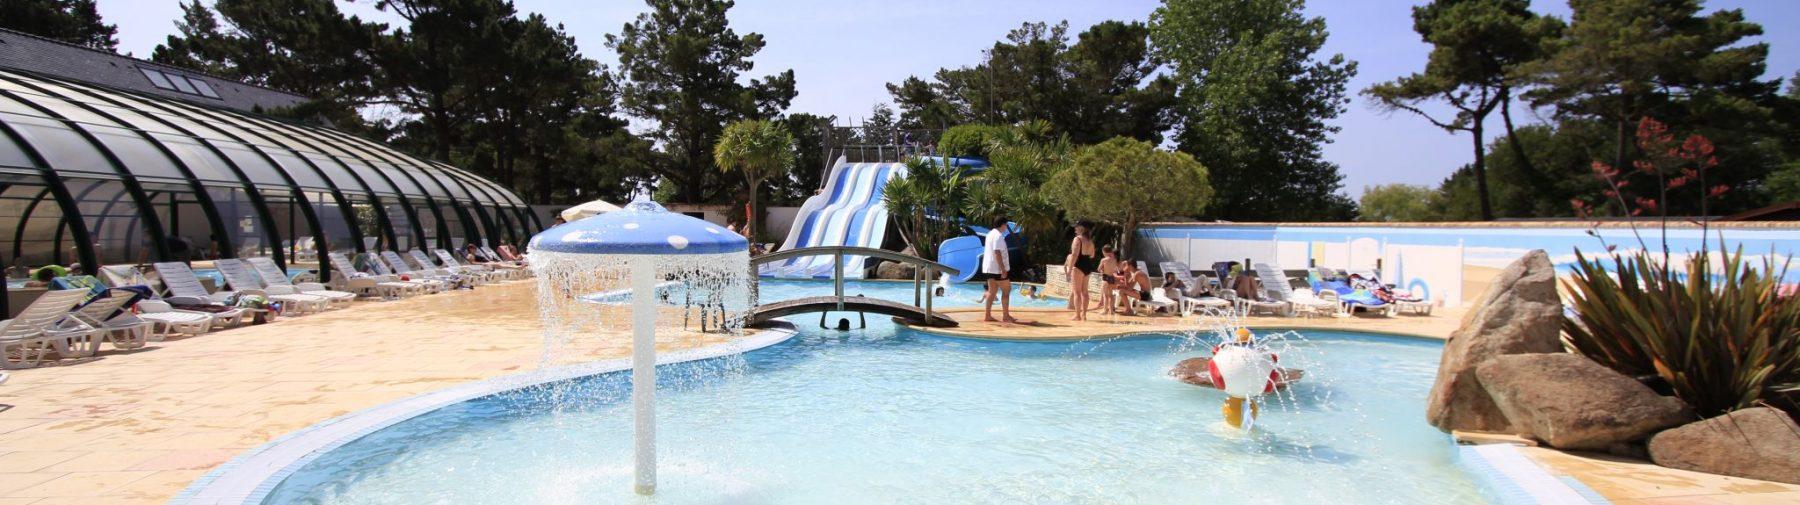 Camping Morbihan Piscine Couverte | Camping Le Moteno En ... dedans Camping Golf Du Morbihan Avec Piscine